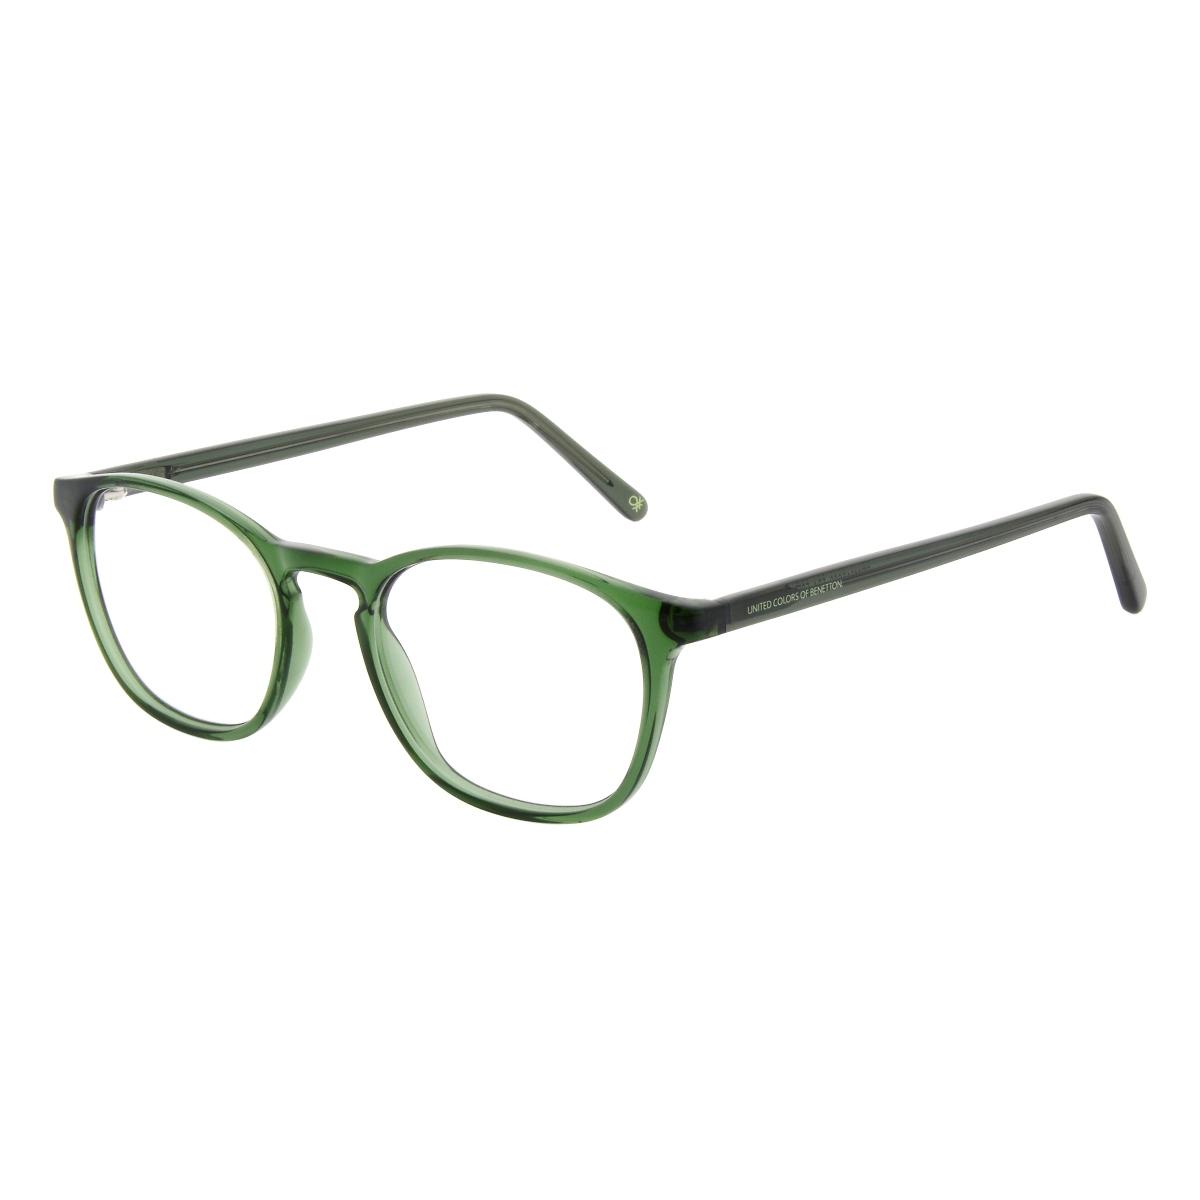 Benetton 1037